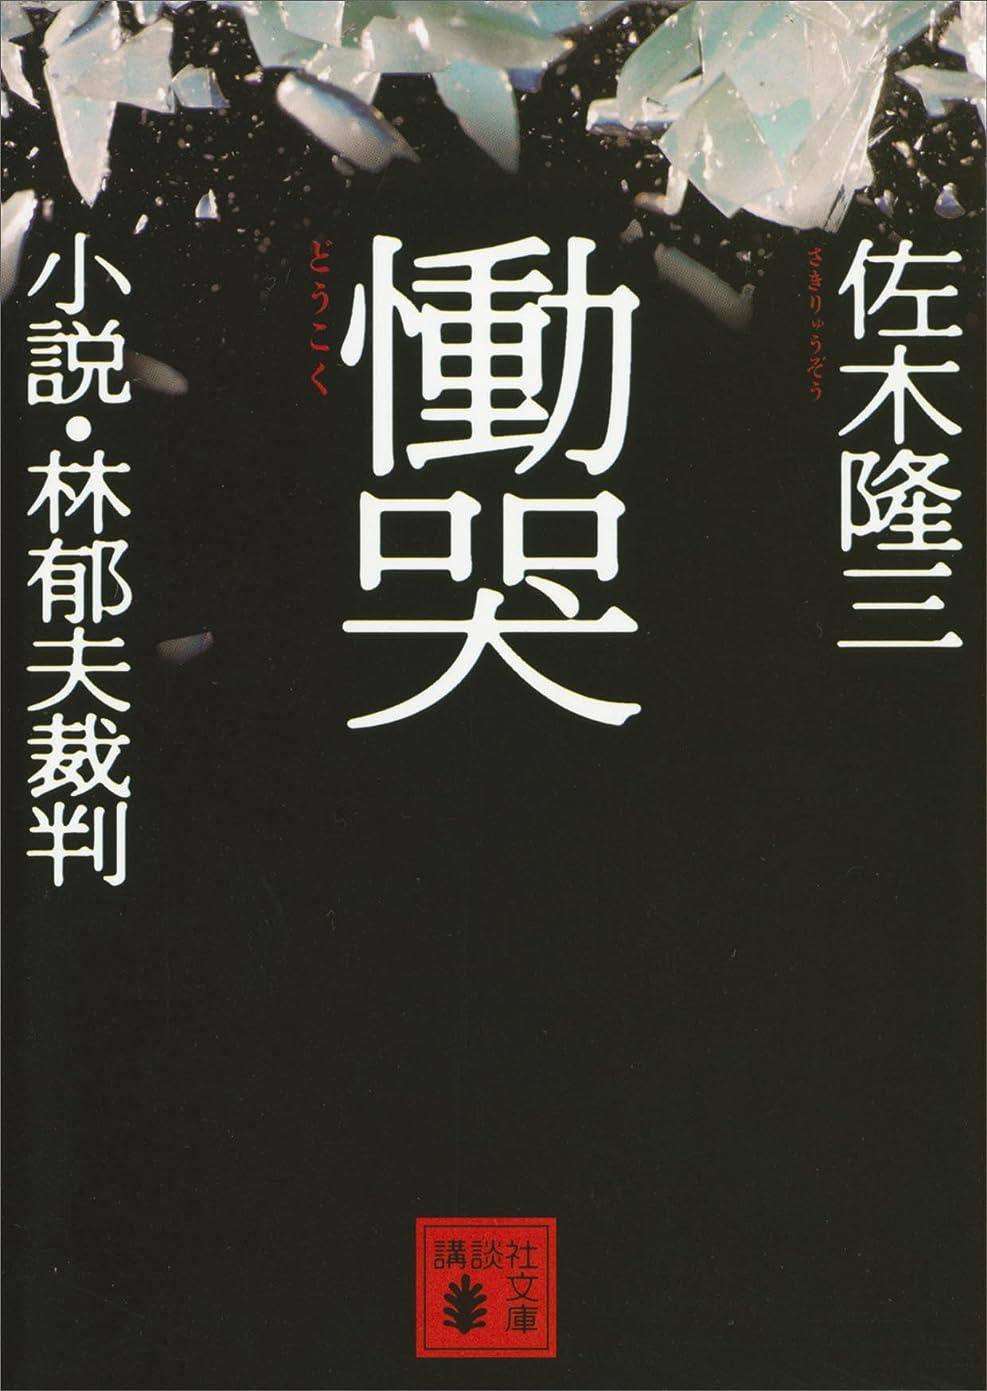 お金進捗クリエイティブ慟哭 小説?林郁夫裁判 (講談社文庫)